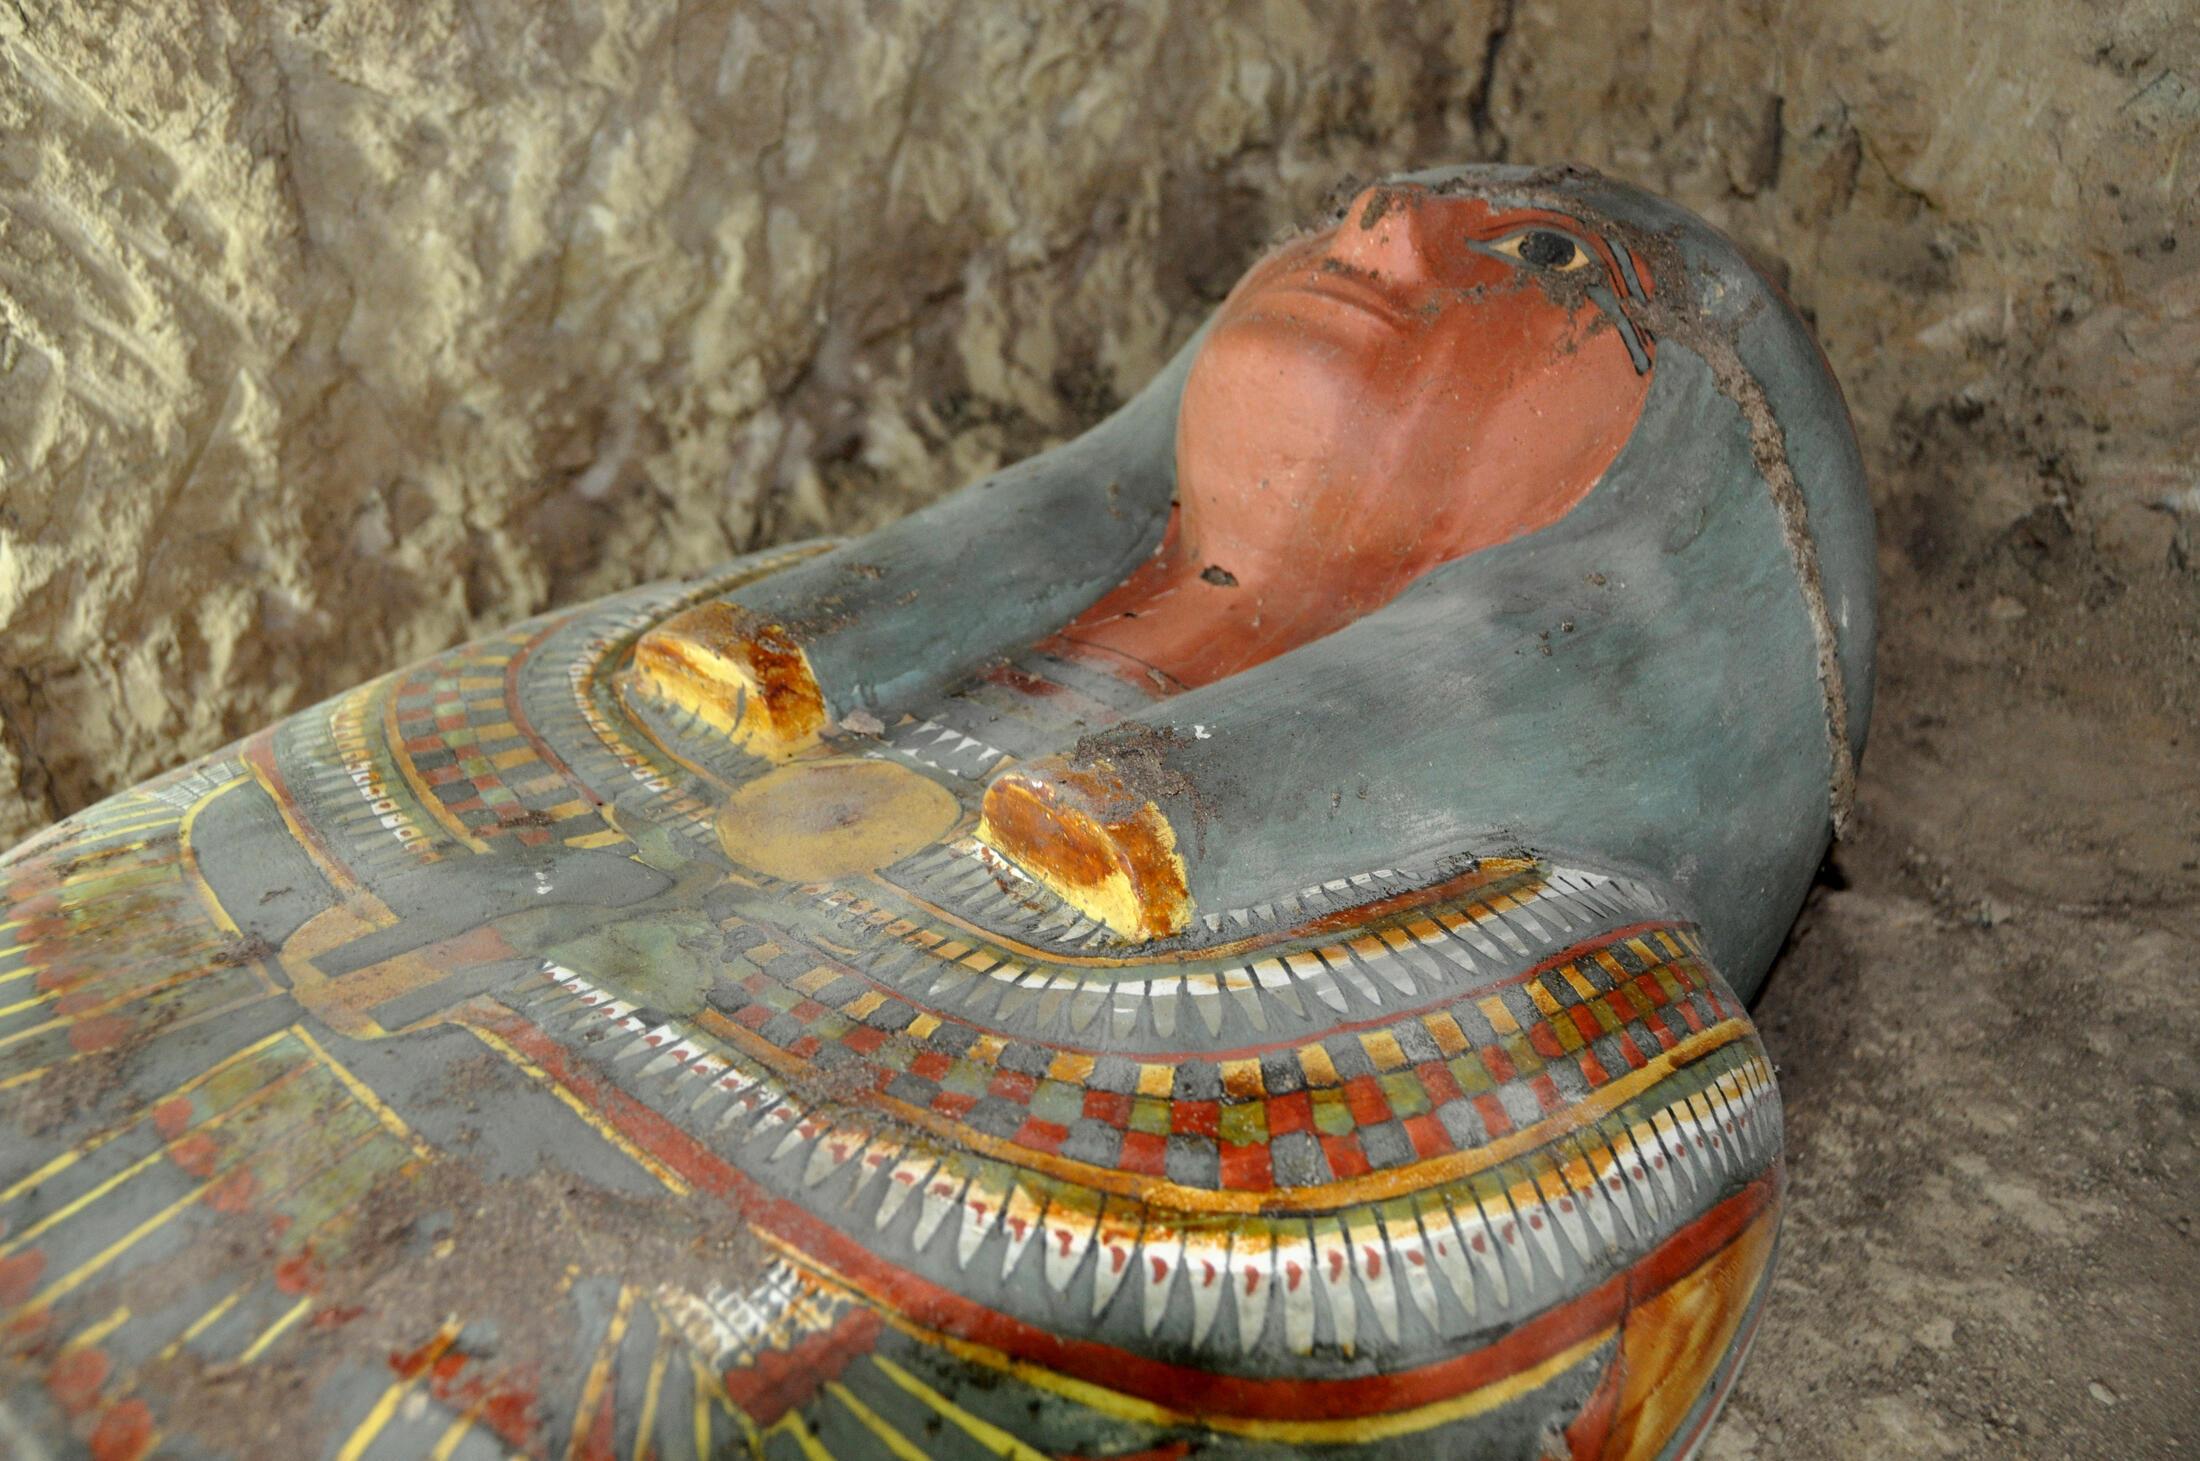 Le sarcophage a été découvert dans une tombe datant de 1074 à 664 av. J.C, près de la ville de Louxor, dans le sud de l'Egypte.